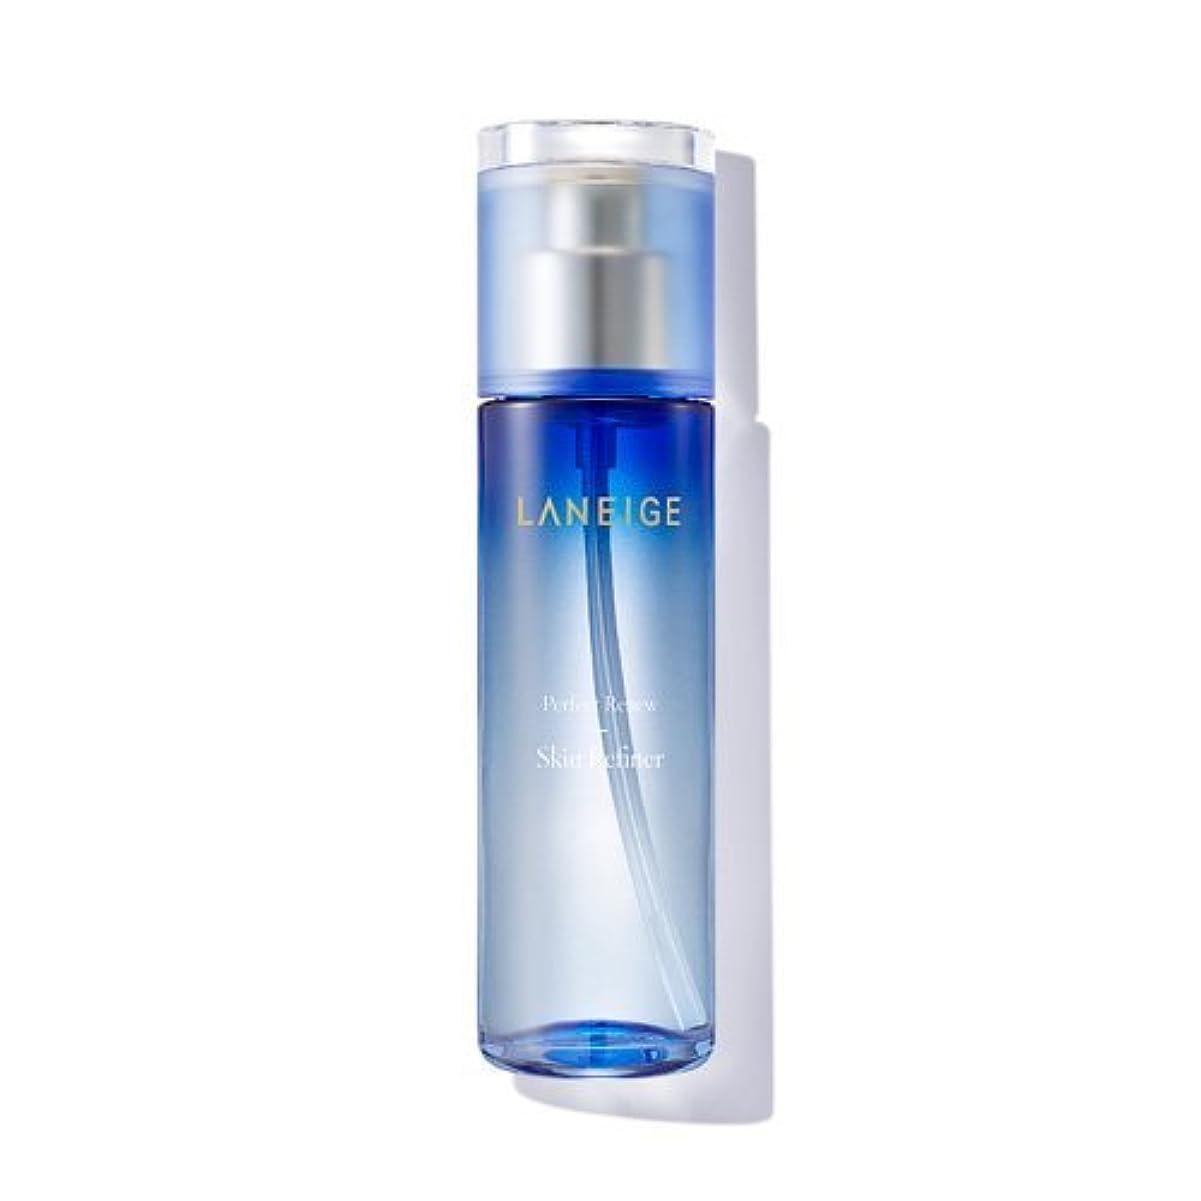 うっかりうねる風が強いLaneige Perfect Renew Skin Refiner 120ml